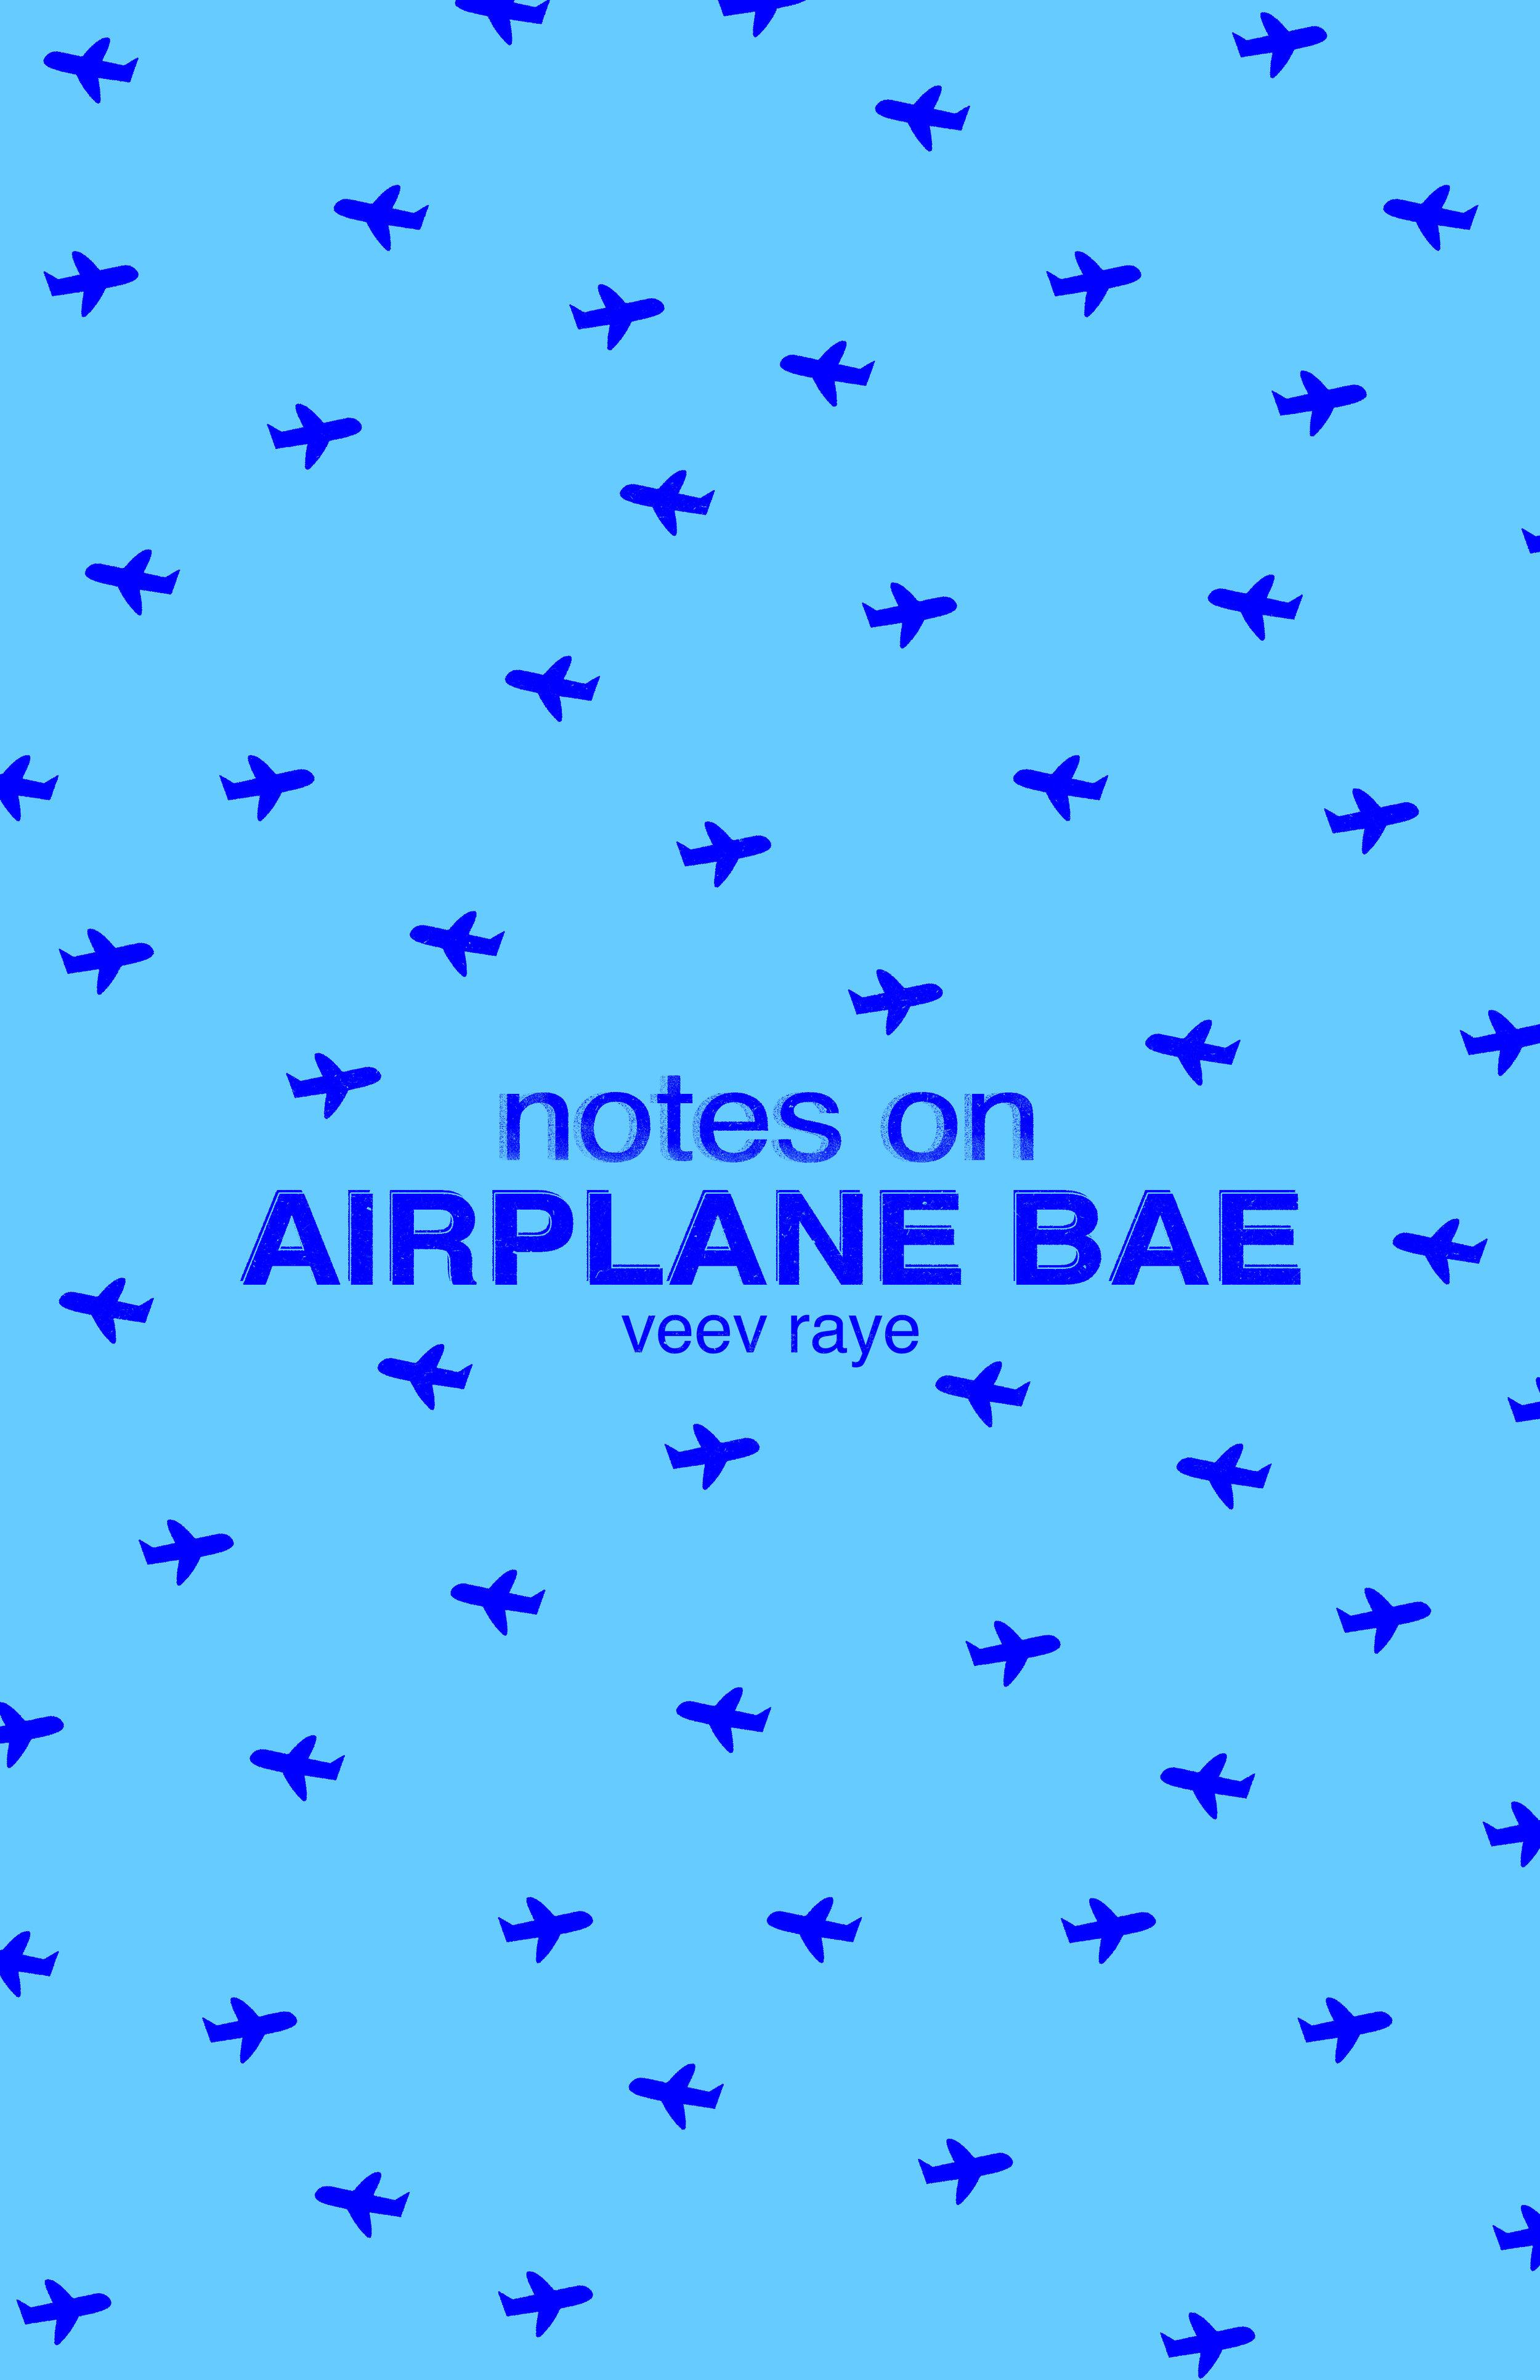 airplane bae final img.jpg